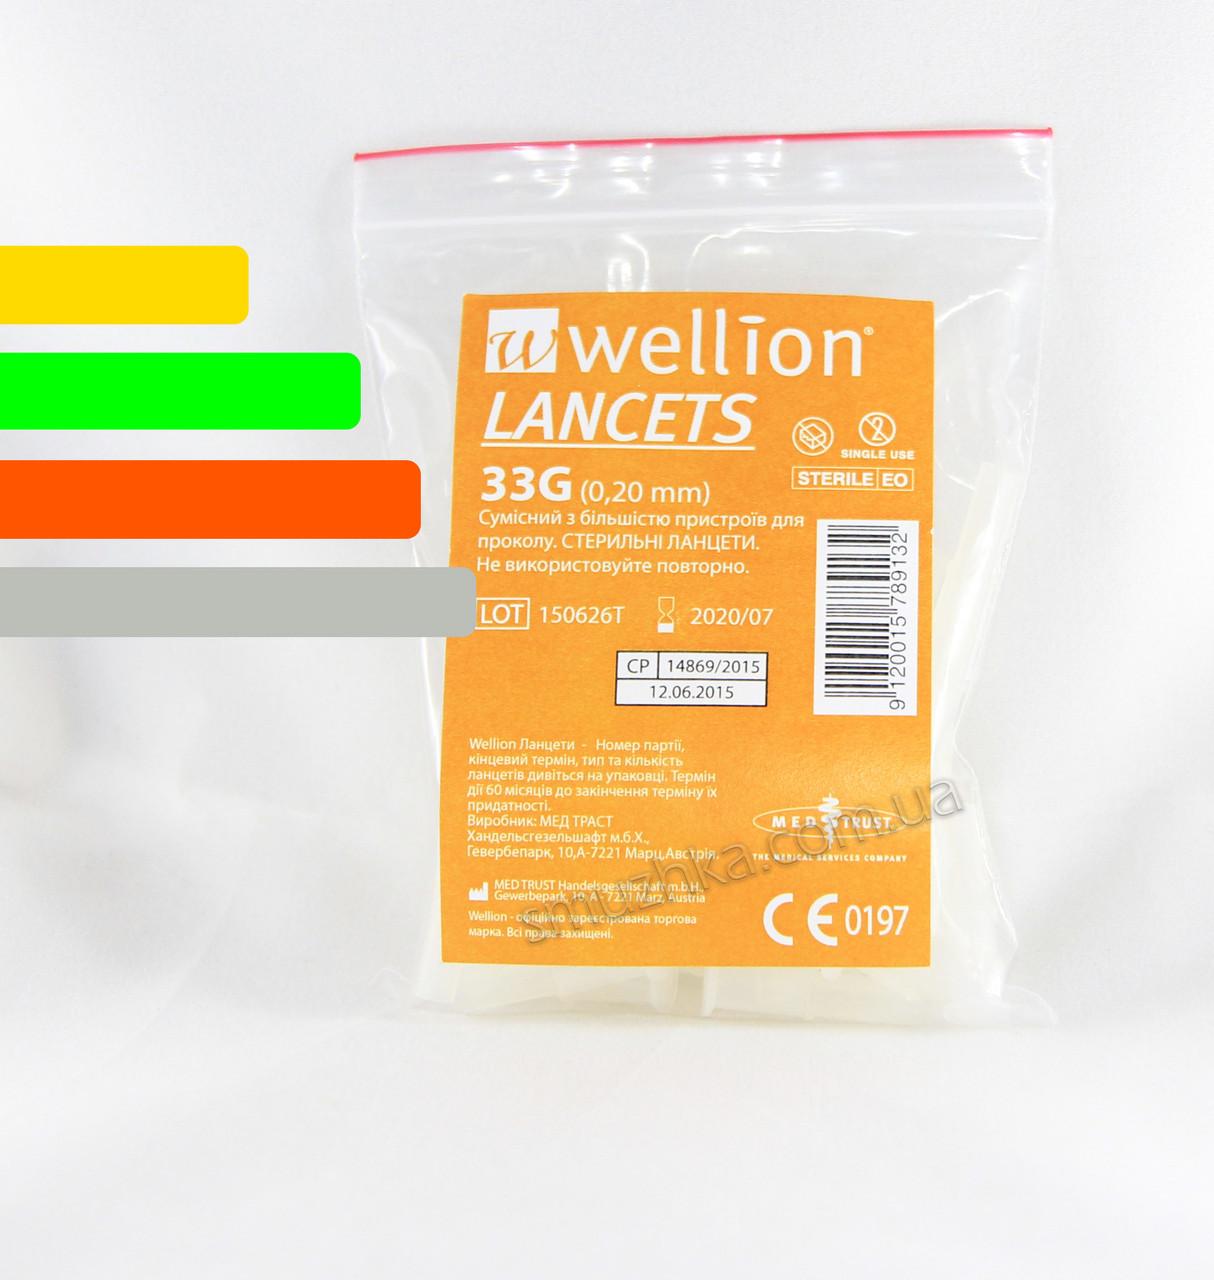 Ланцеты Wellion(33G) - 50шт